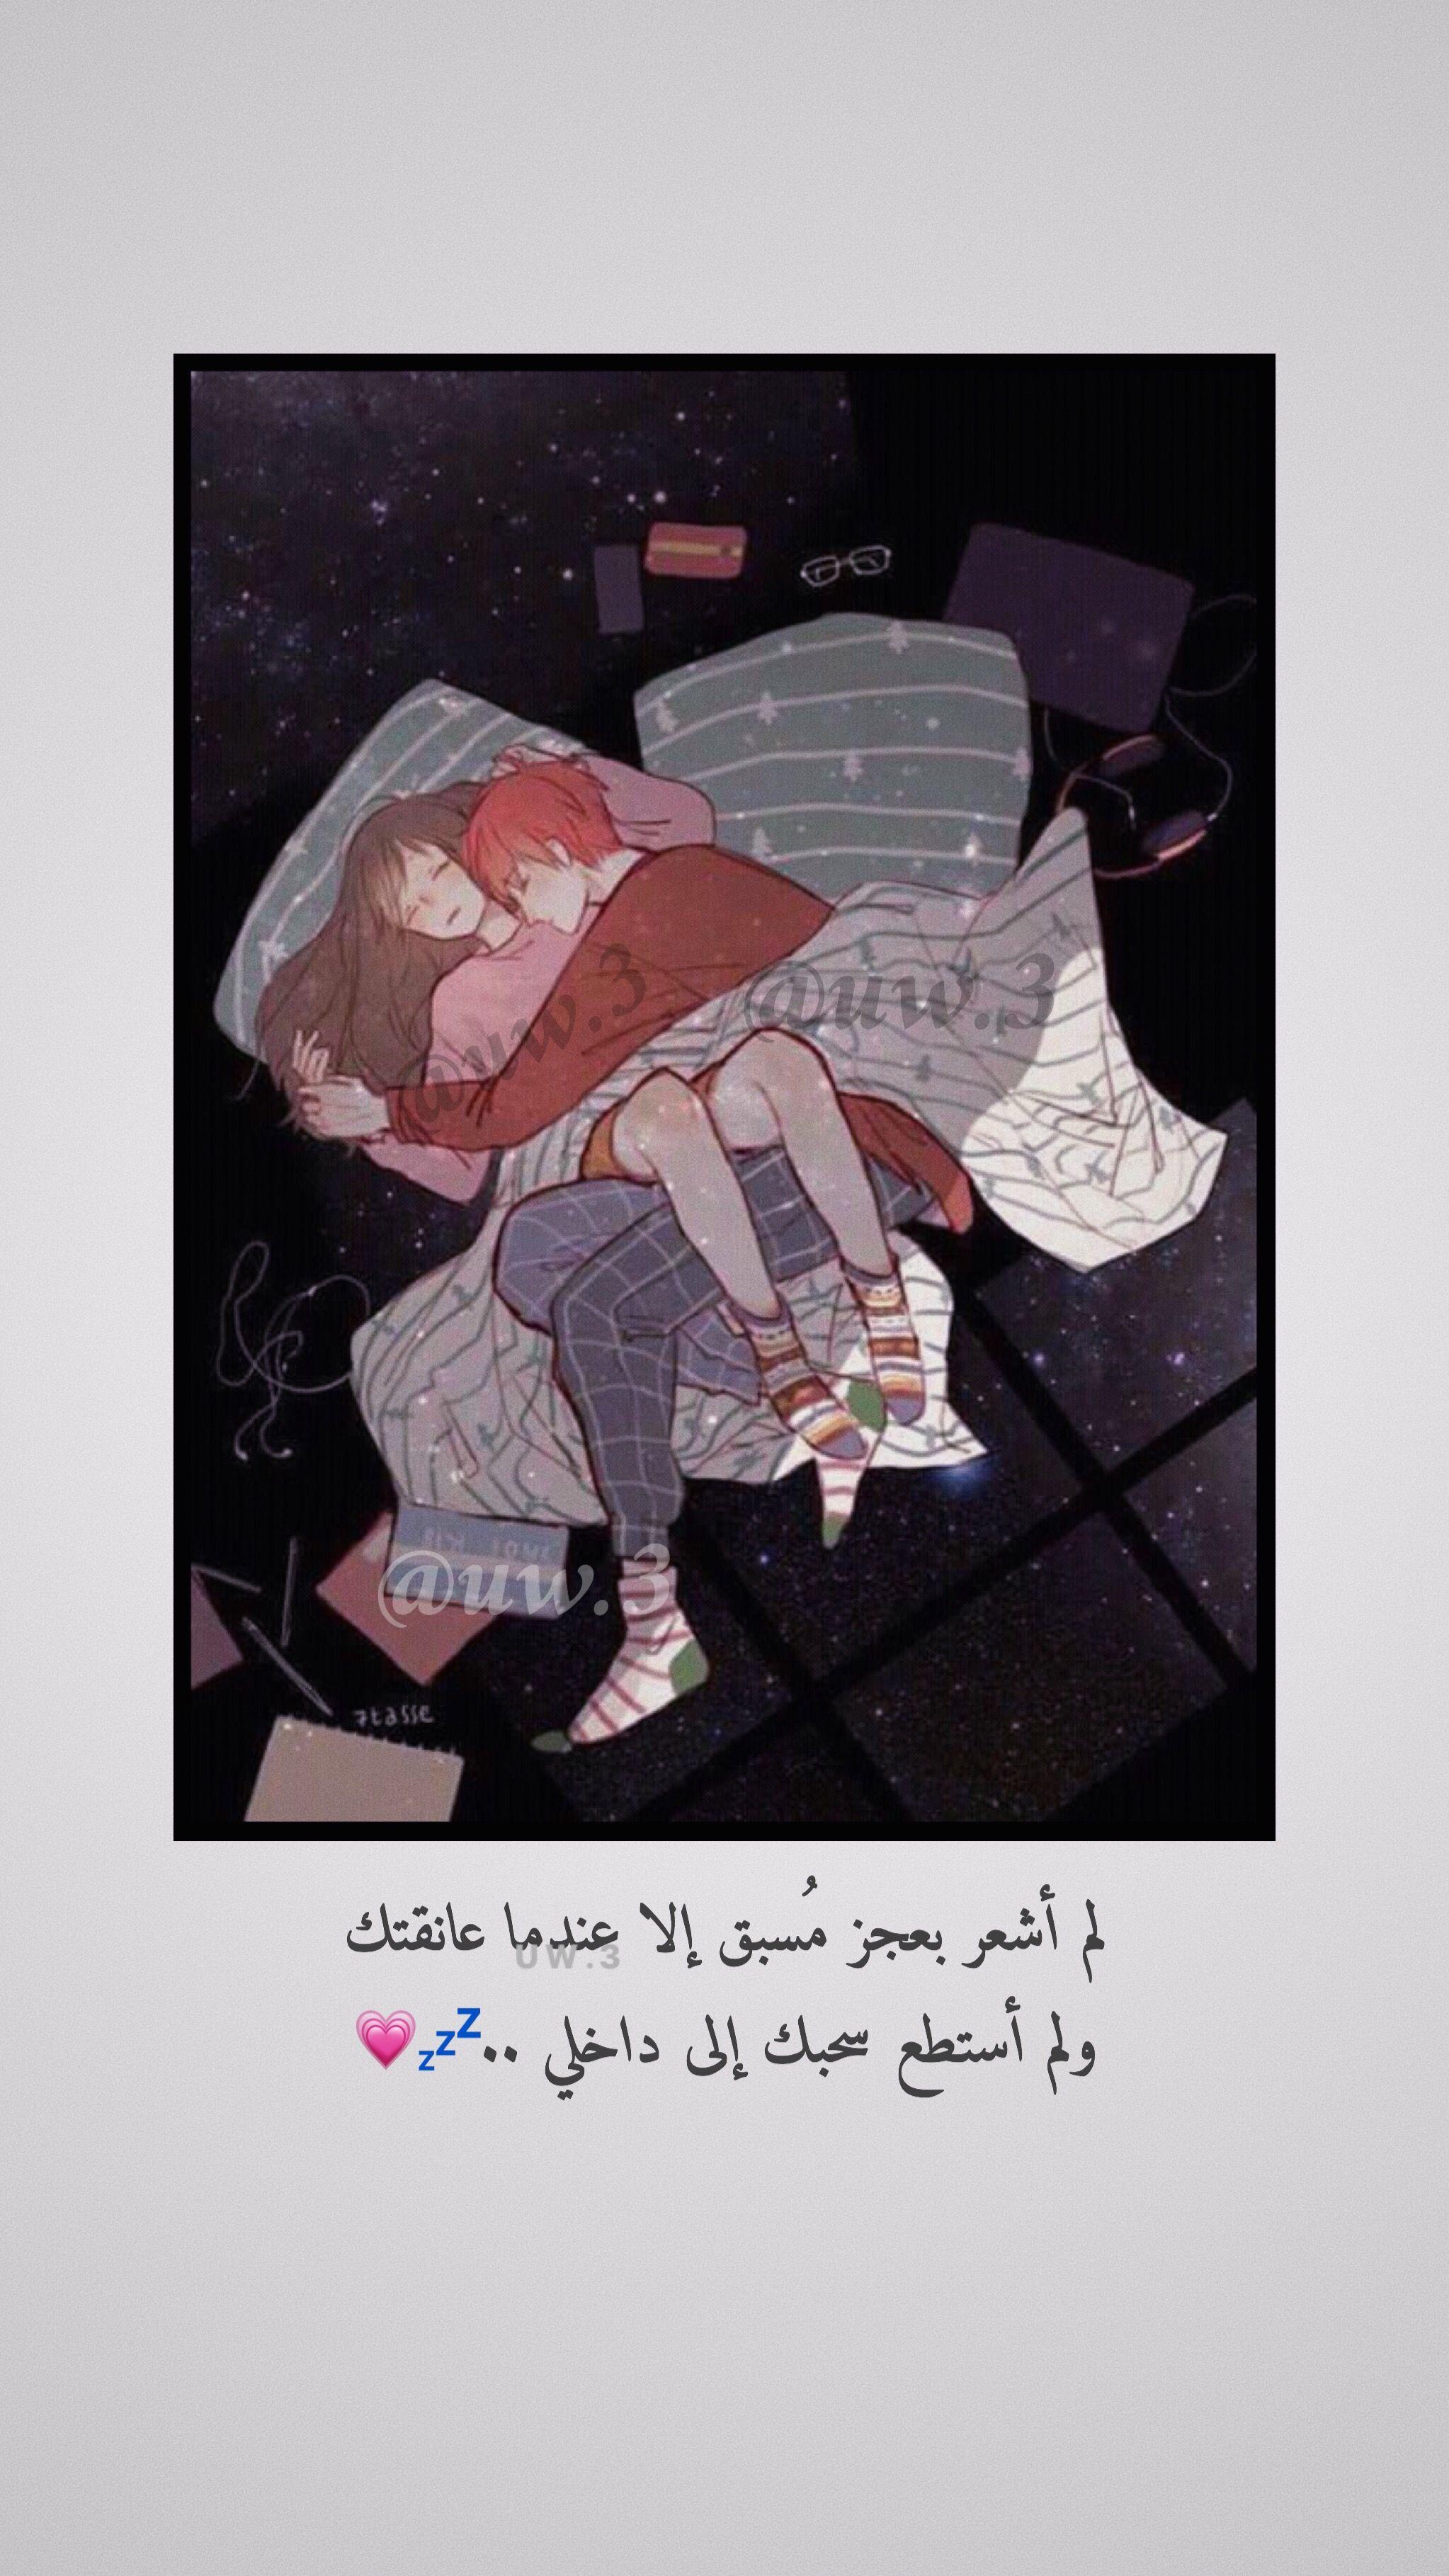 ستوري ستوريات سناب سنابات صور رمزيات Snap Funny Arabic Quotes Islamic Love Quotes Book Quotes